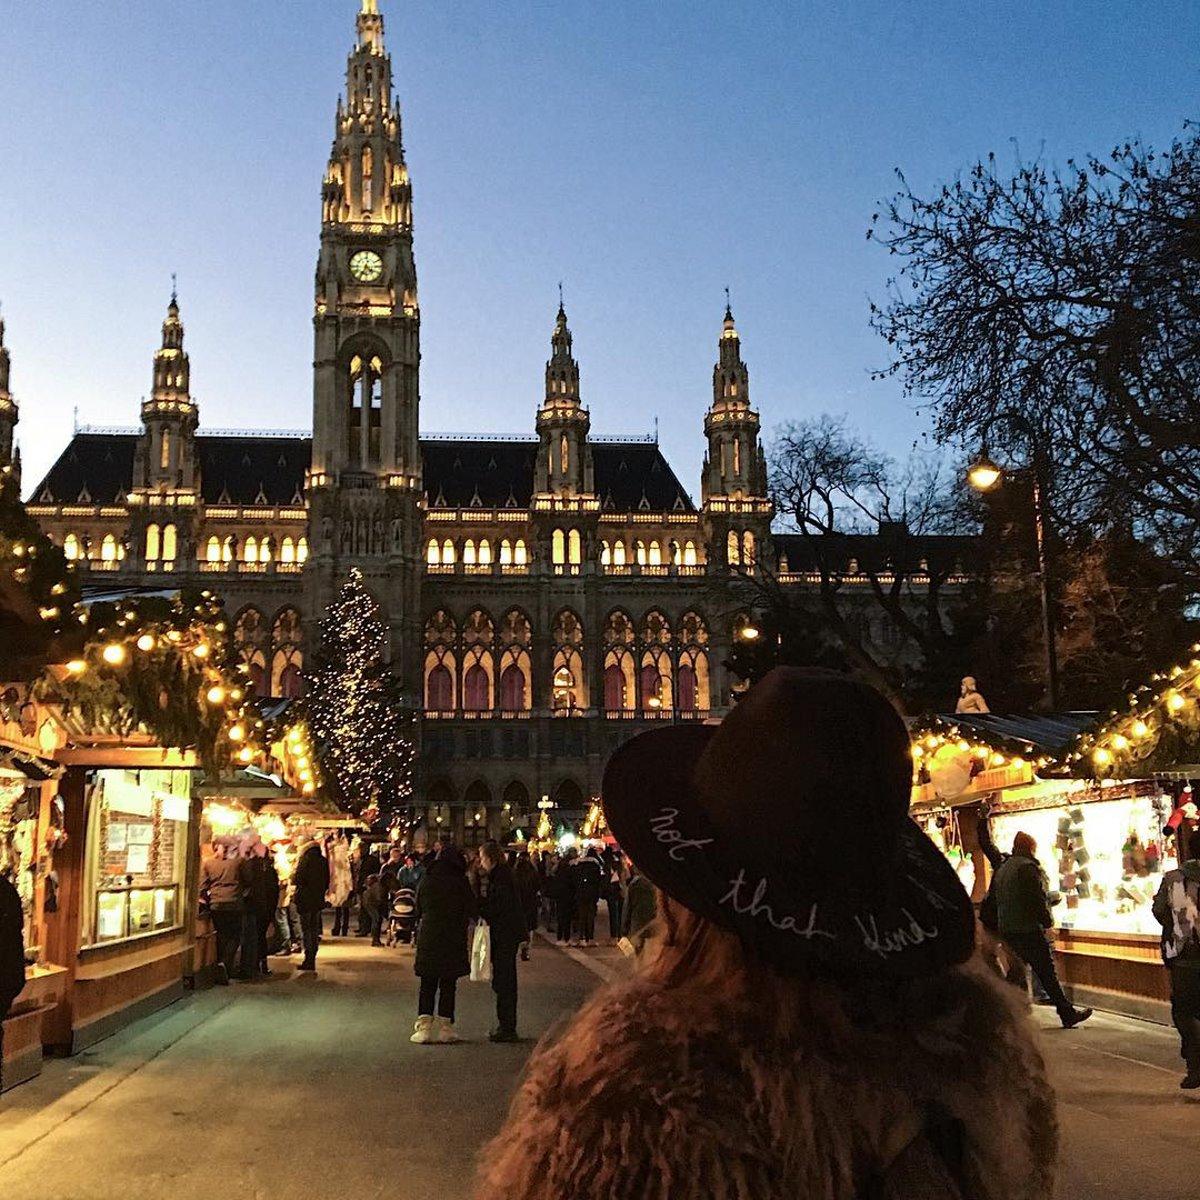 Χριστουγεννιάτικη αγορά στη Βιέννη με τουρίστες θα ανοίξει